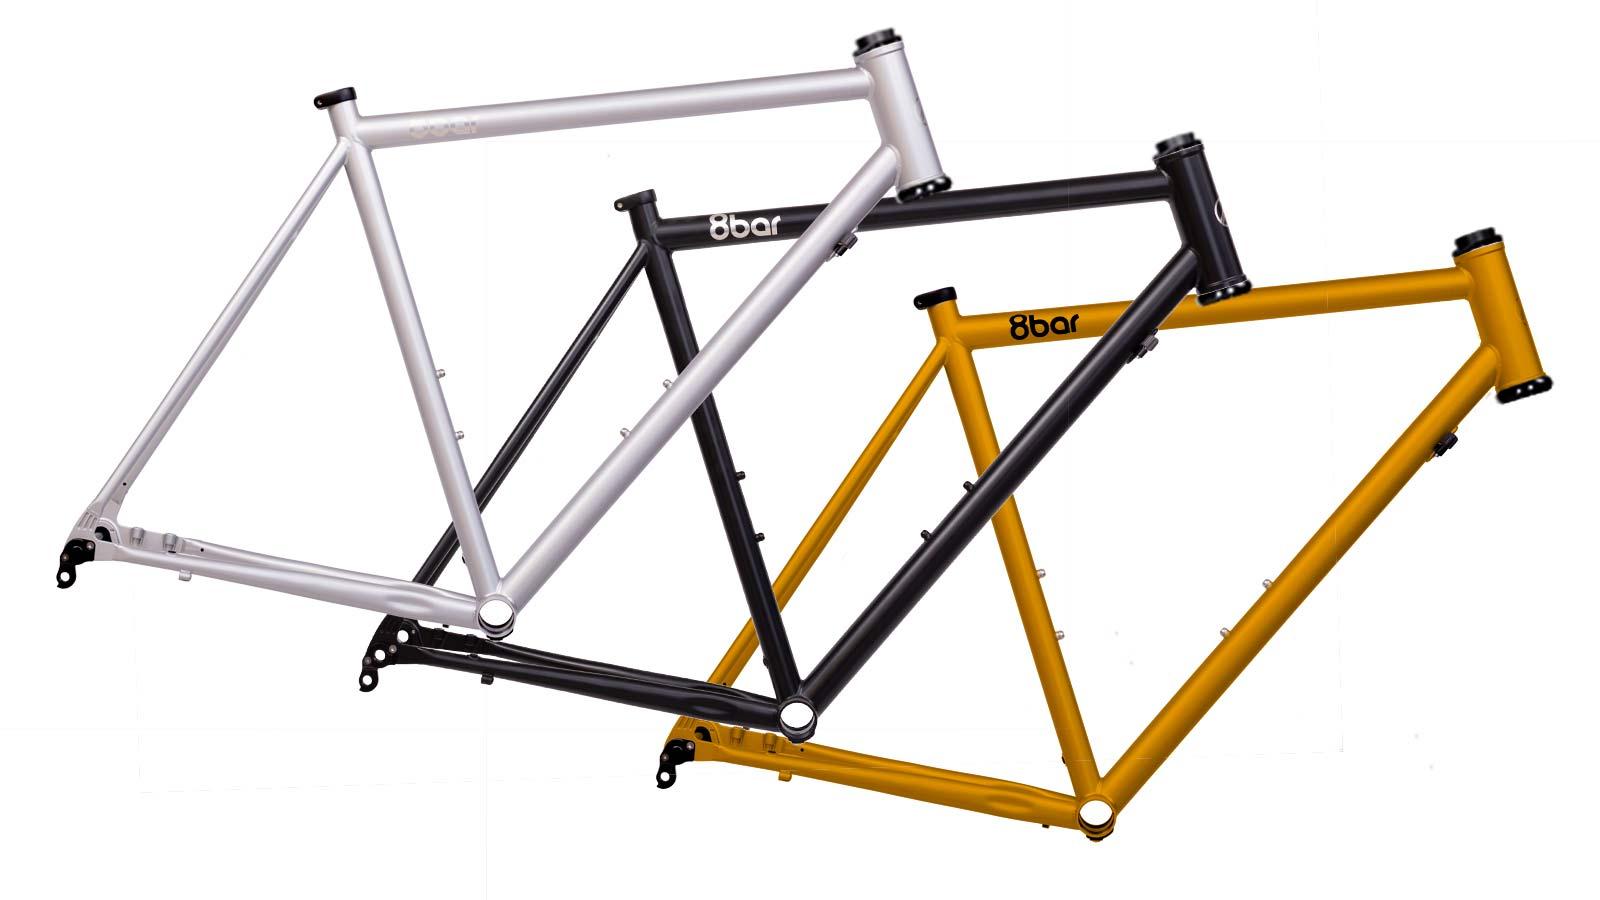 8bar Kronprinz Steel v1 affordable modern disc brake road bike, color options